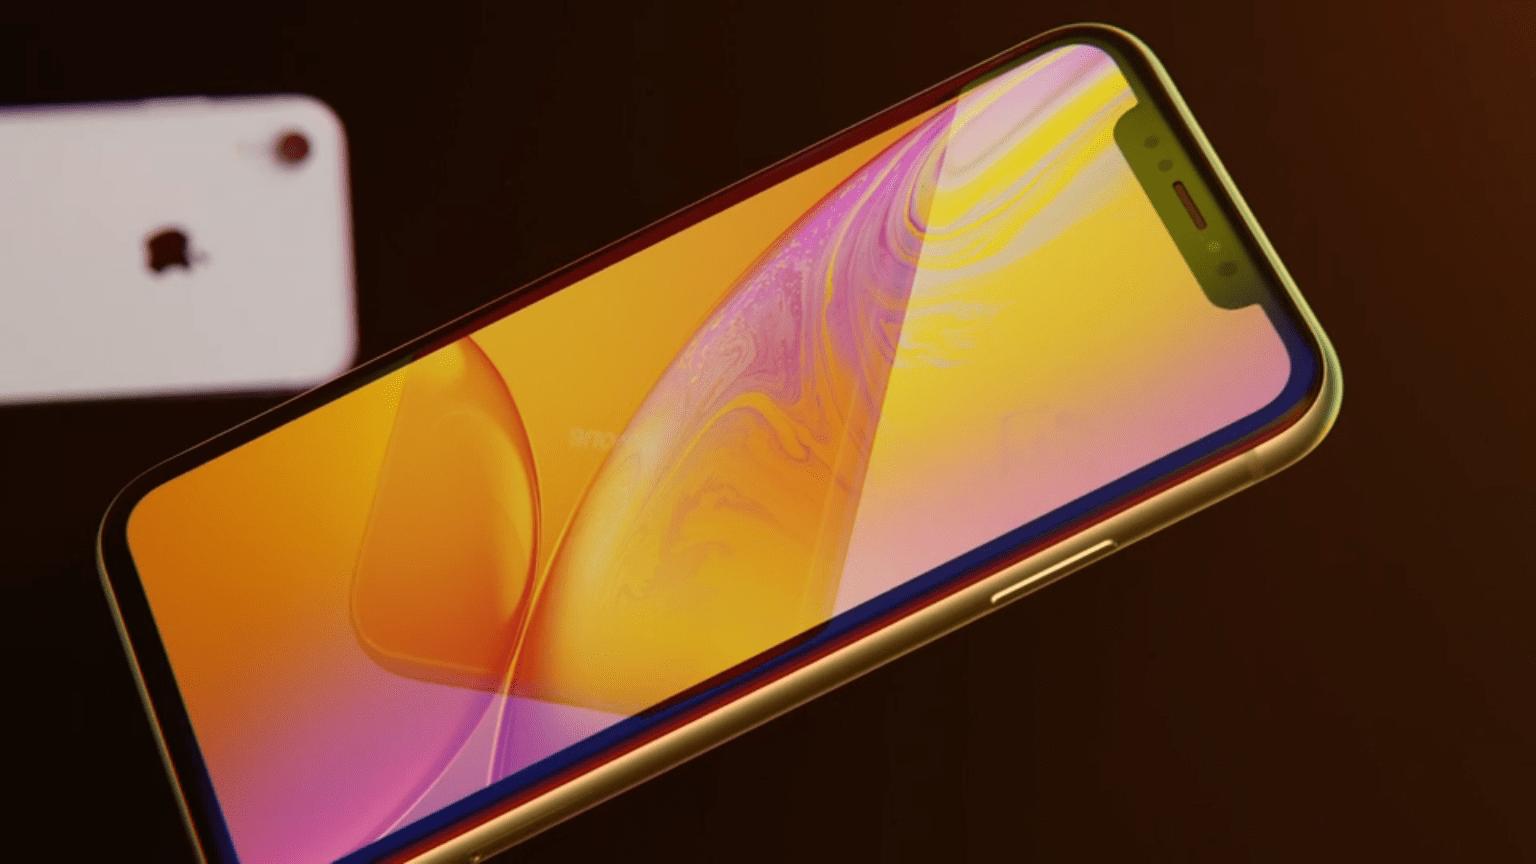 iPhone XR : Apple présente le clone de l'iPhone X le plus cher de l'année